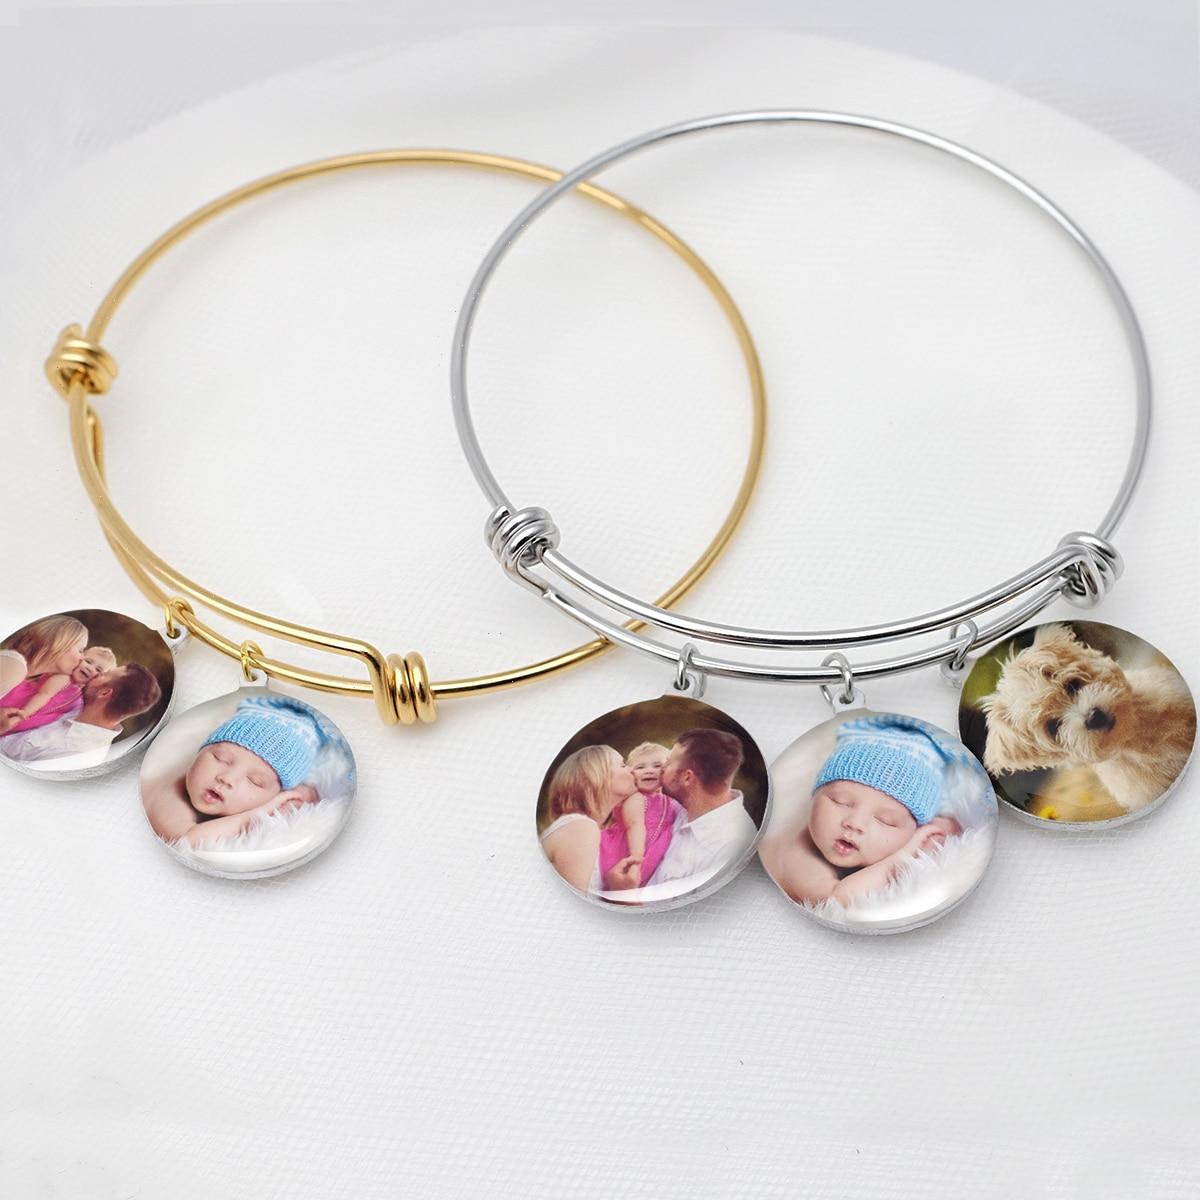 Персонализированный браслет, браслет с изображением на заказ, фото браслет с подвеской, фото браслет, браслет с памятью с изображением, пода...